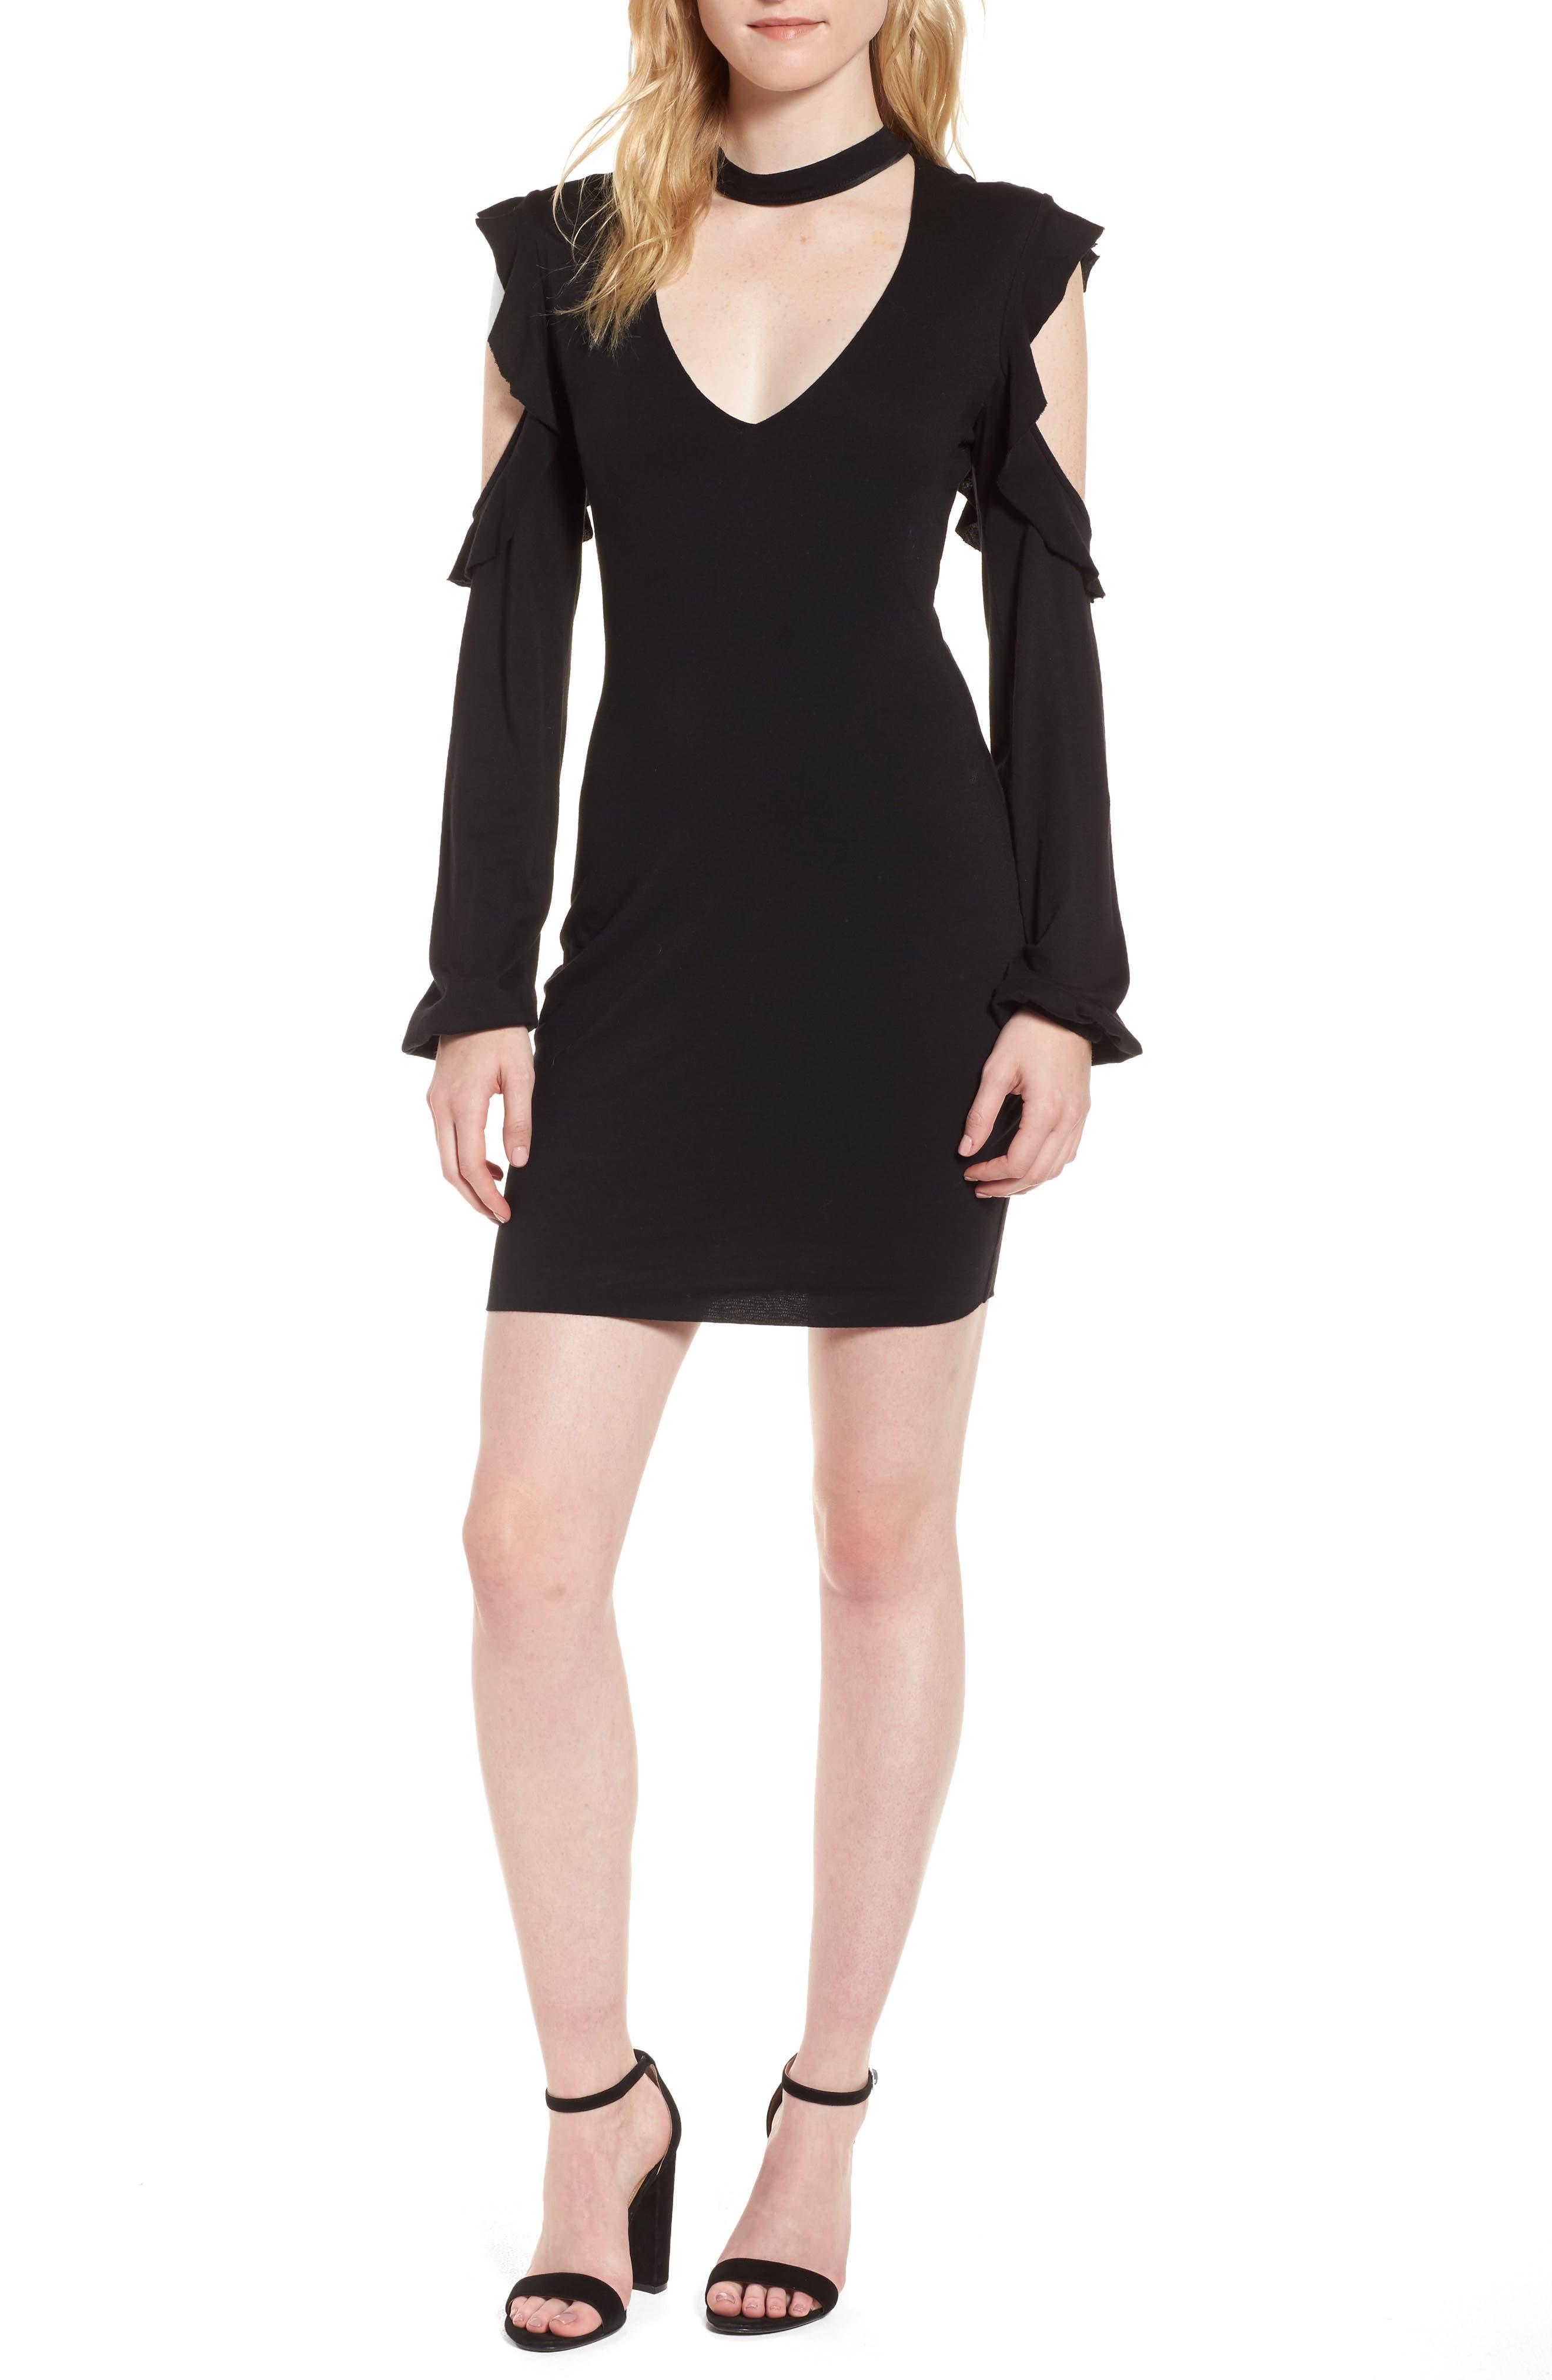 Alternate Image 1 Selected - Pam & Gela Cold Shoulder Sheath Dress